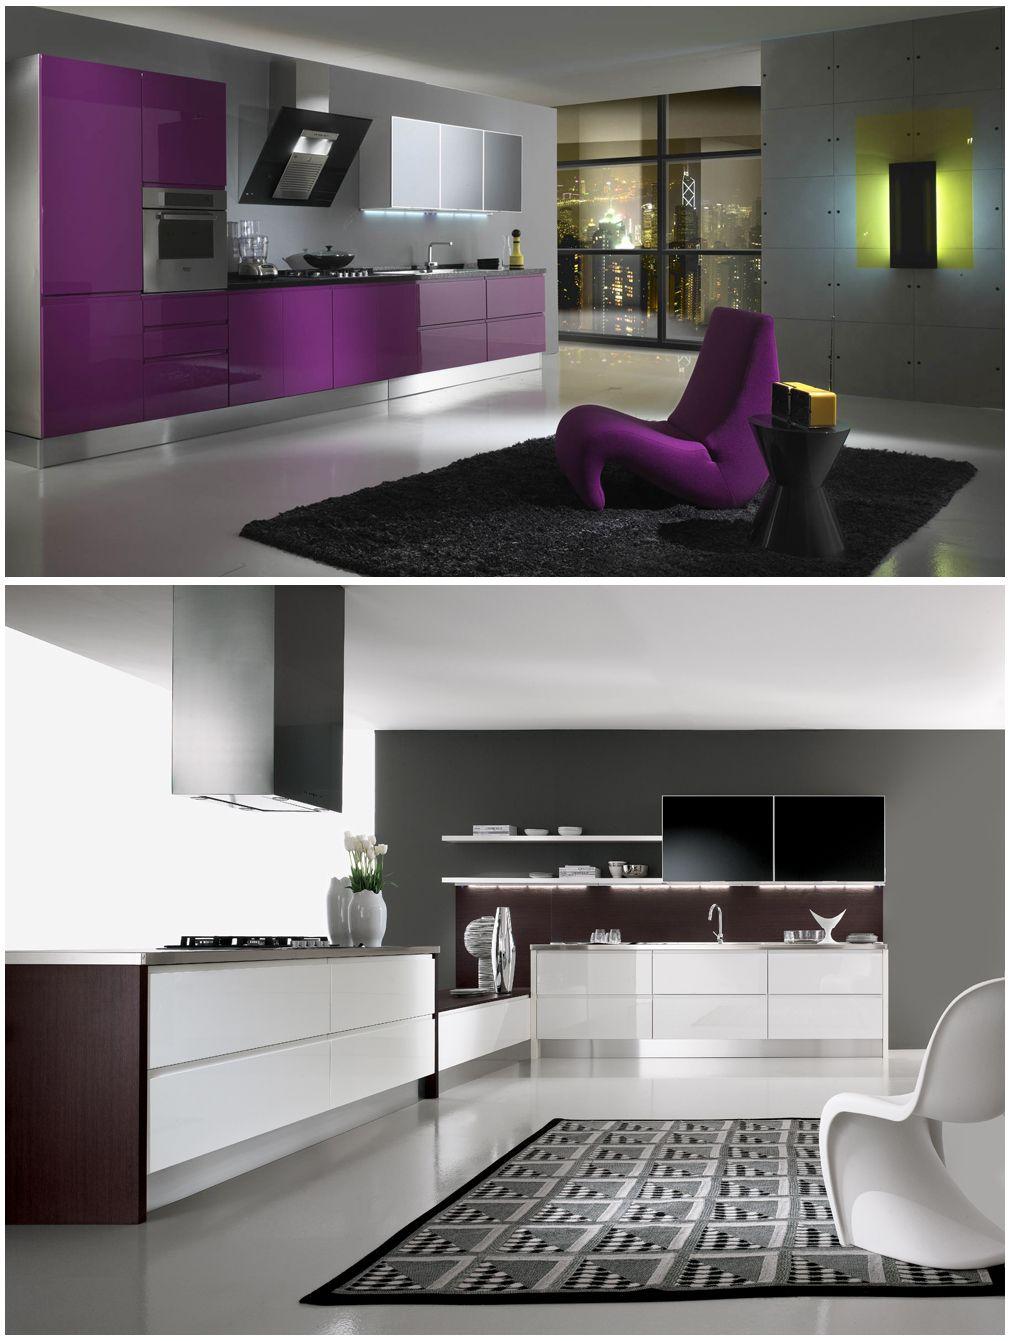 Cucina Moderna Fuxia.Arredamento Cucina Alice Fuxia Bianco Design Colore